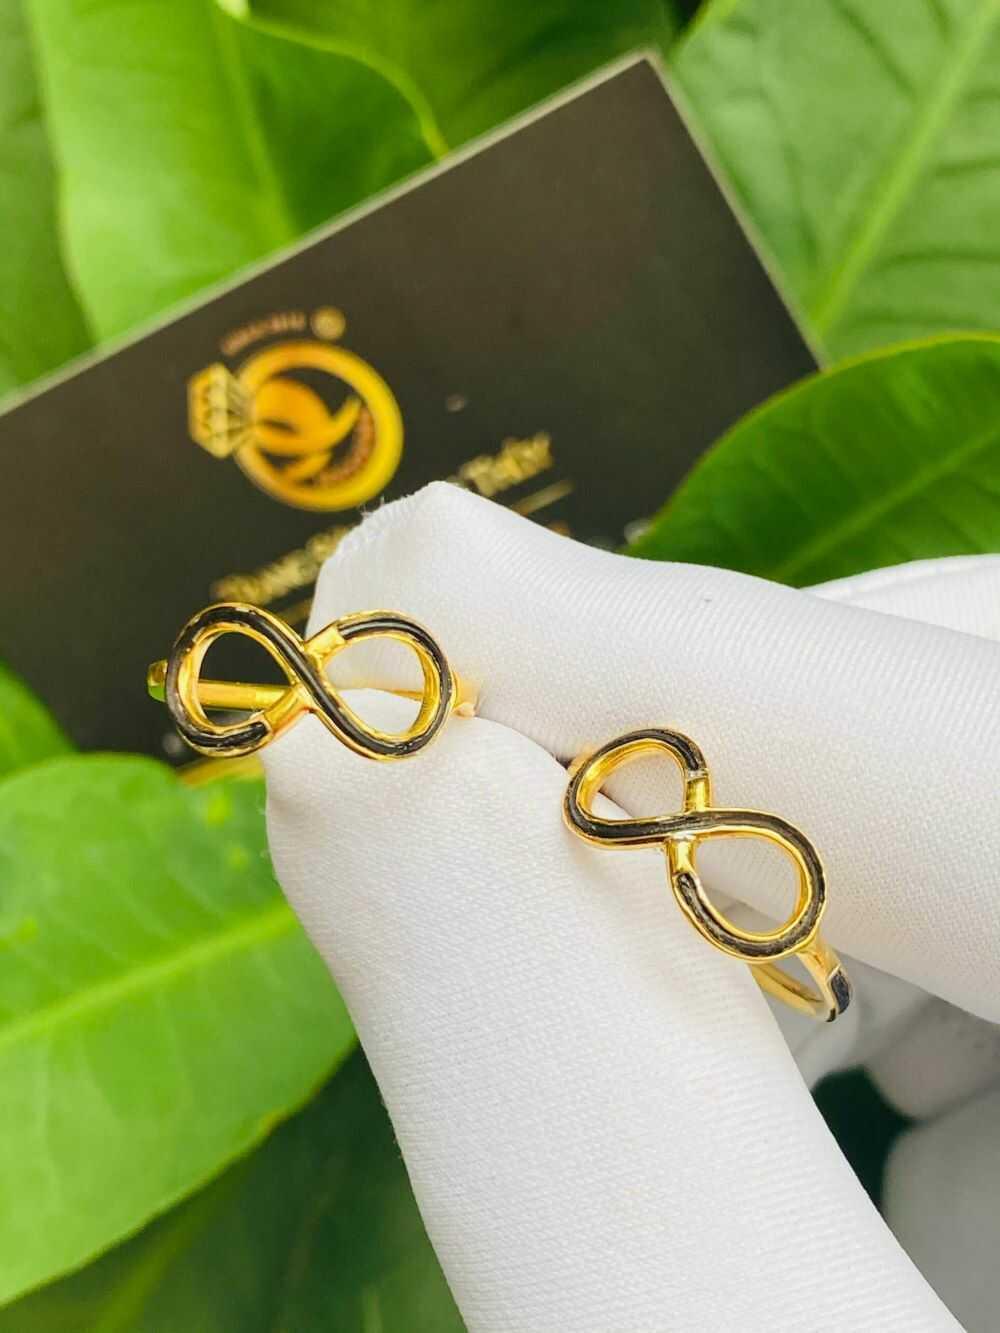 Cặp nhẫn vô cực vàng 18K cho nữ (lông FAKE) mang ý nghĩa trường tồn